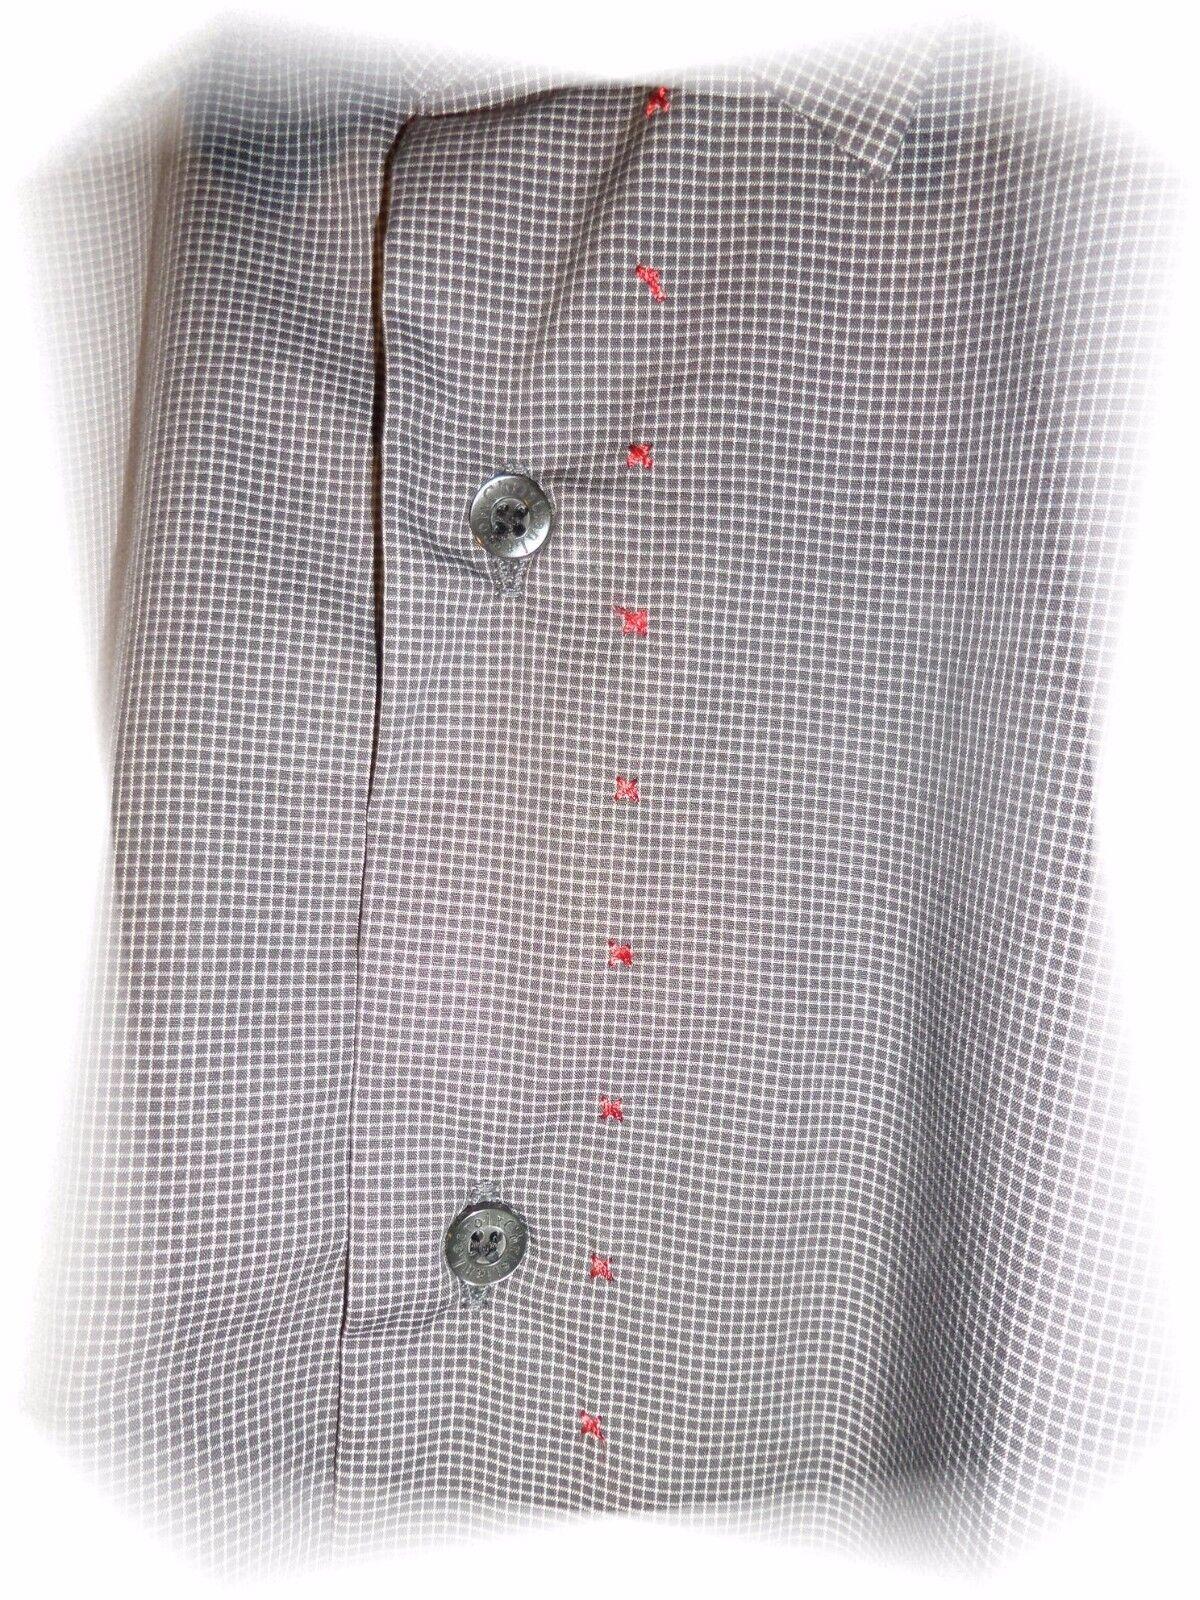 Un- Bella Camicia Grigio Piccoli A Quadri Slim Fit Fit Fit Christian Lacroix T45 aac45a